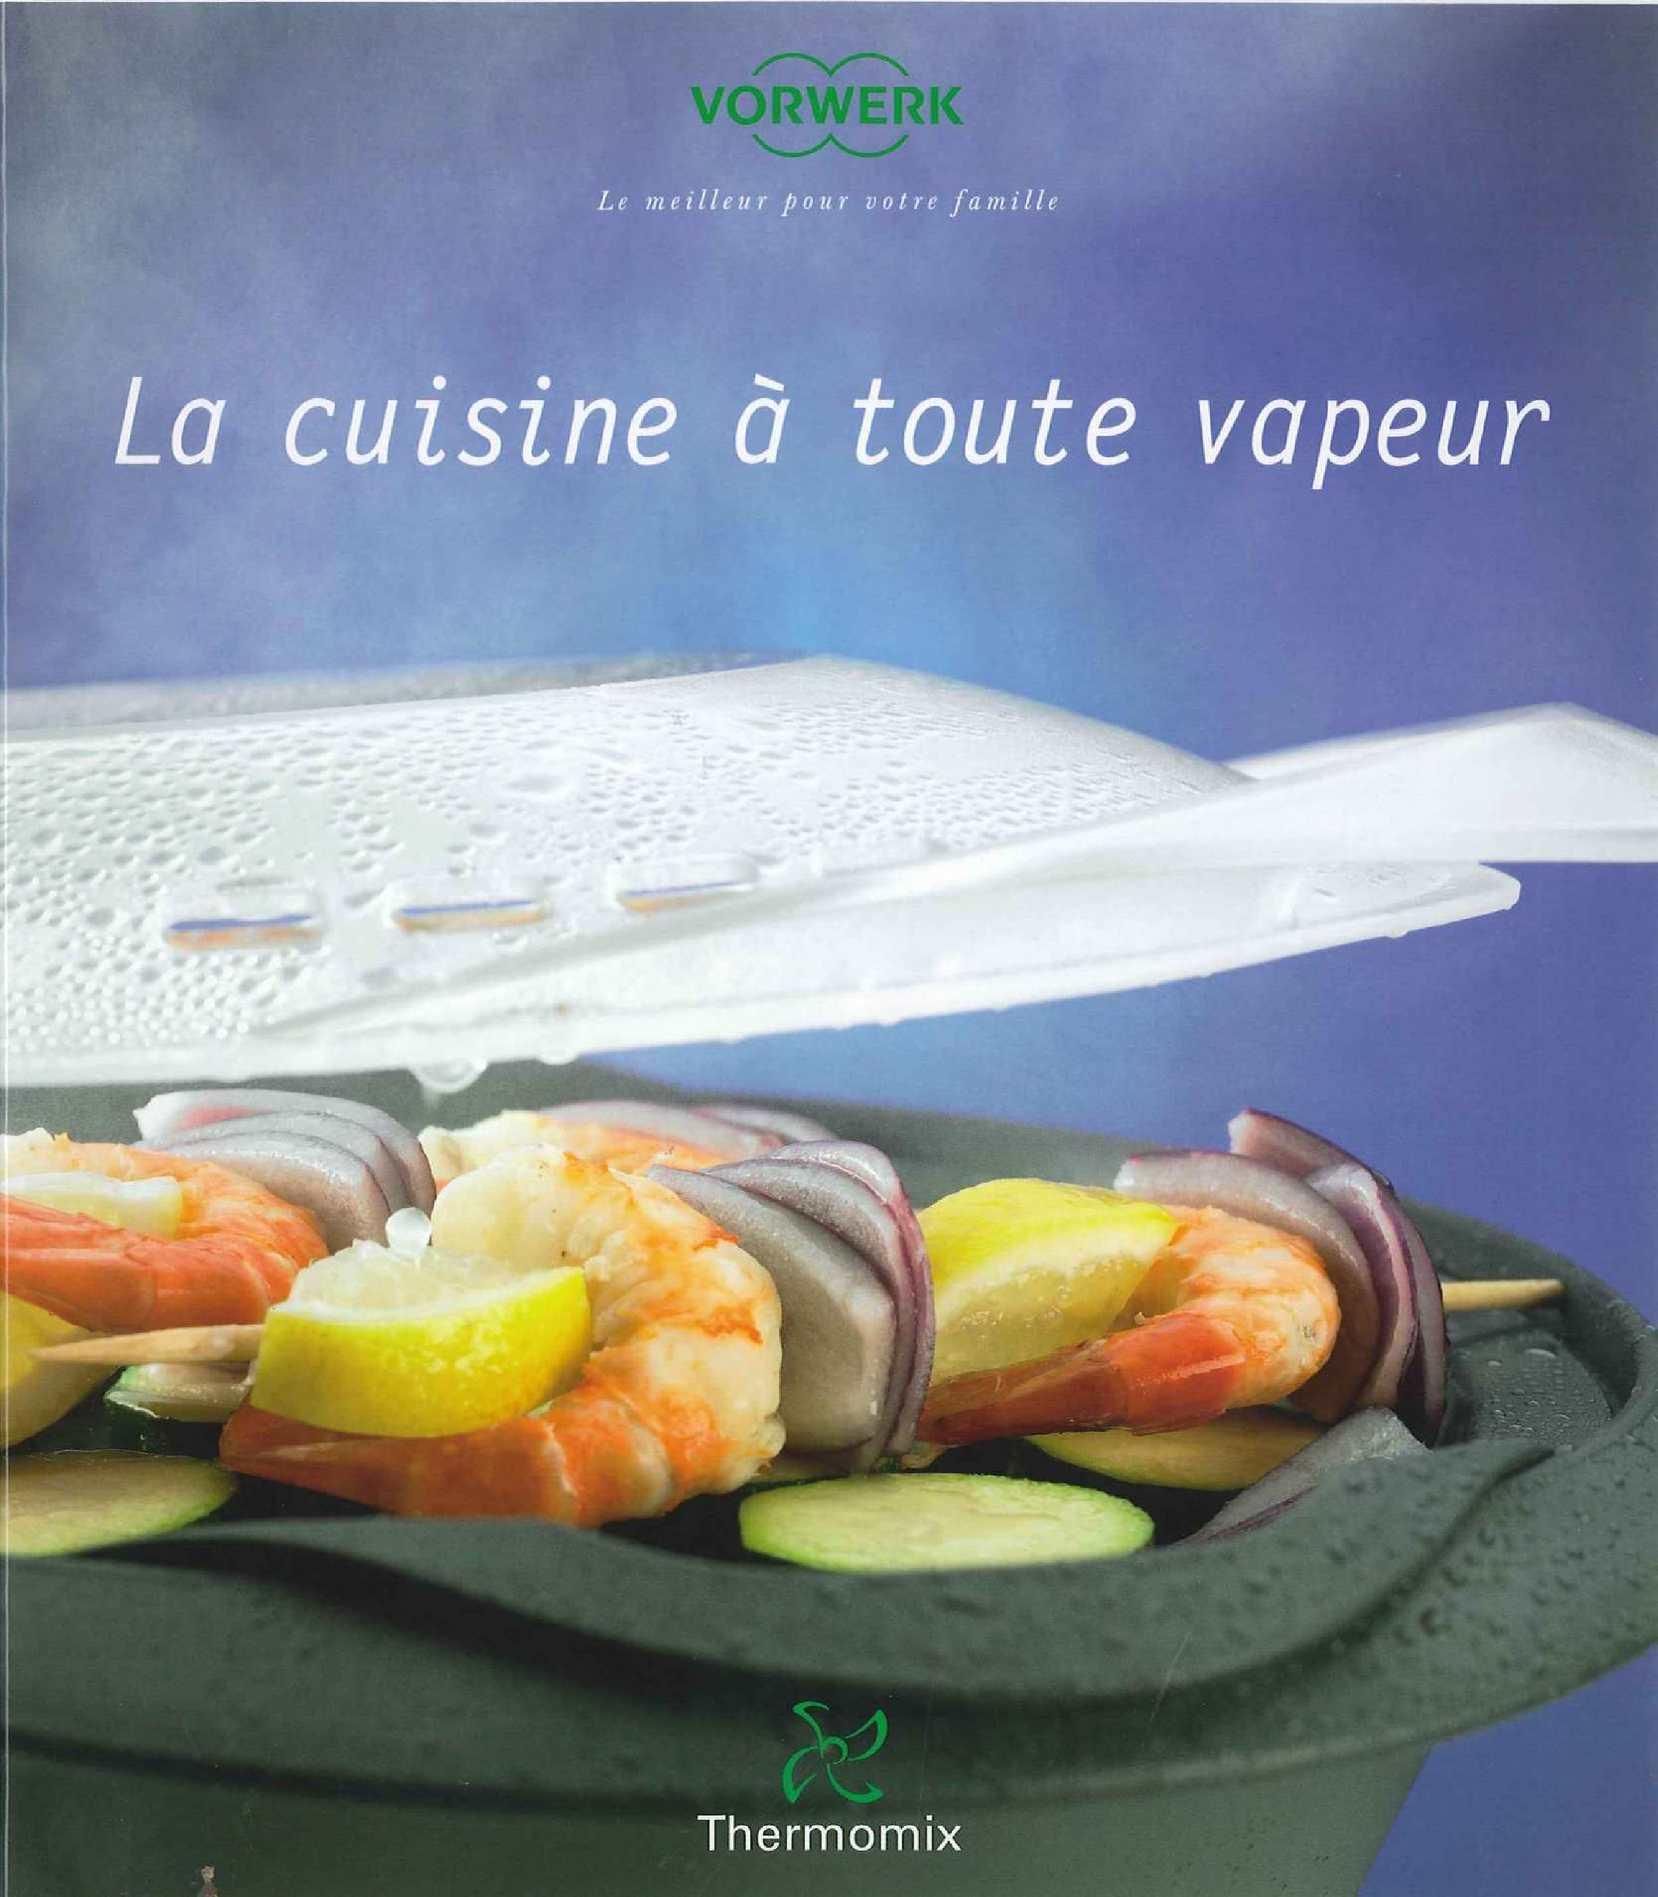 Calam o la cuisine toute vapeur thermomix - La cuisine a toute vapeur pdf ...